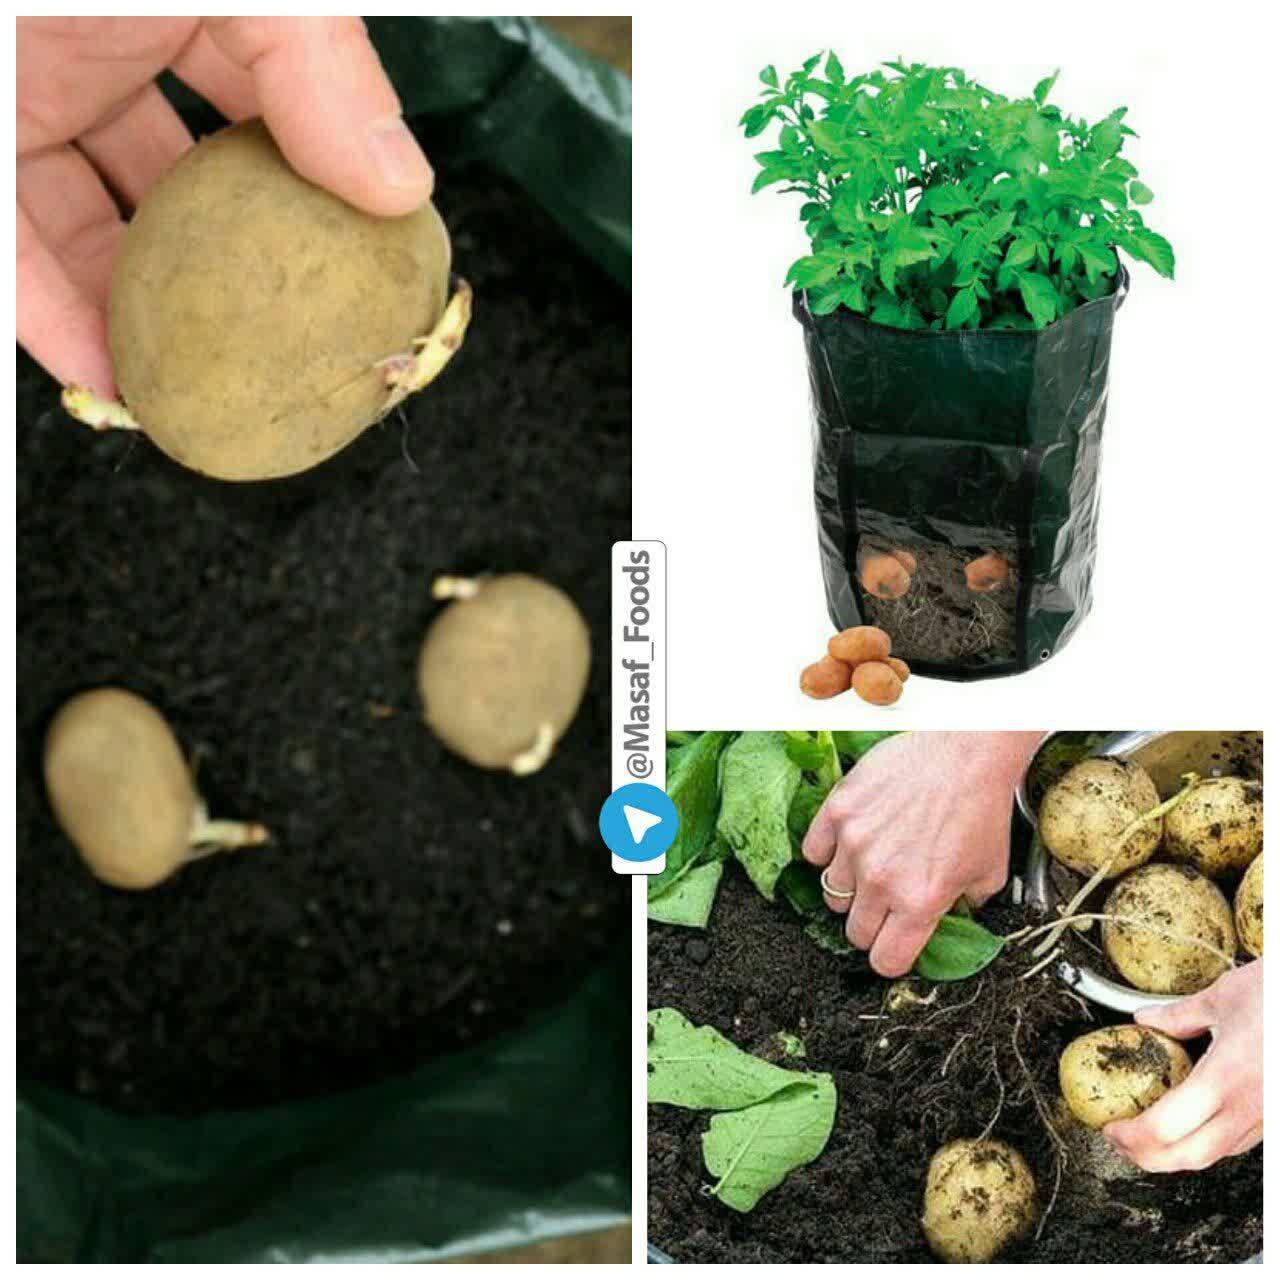 نحوه کاشت ته مانده سبزیجات در خانه